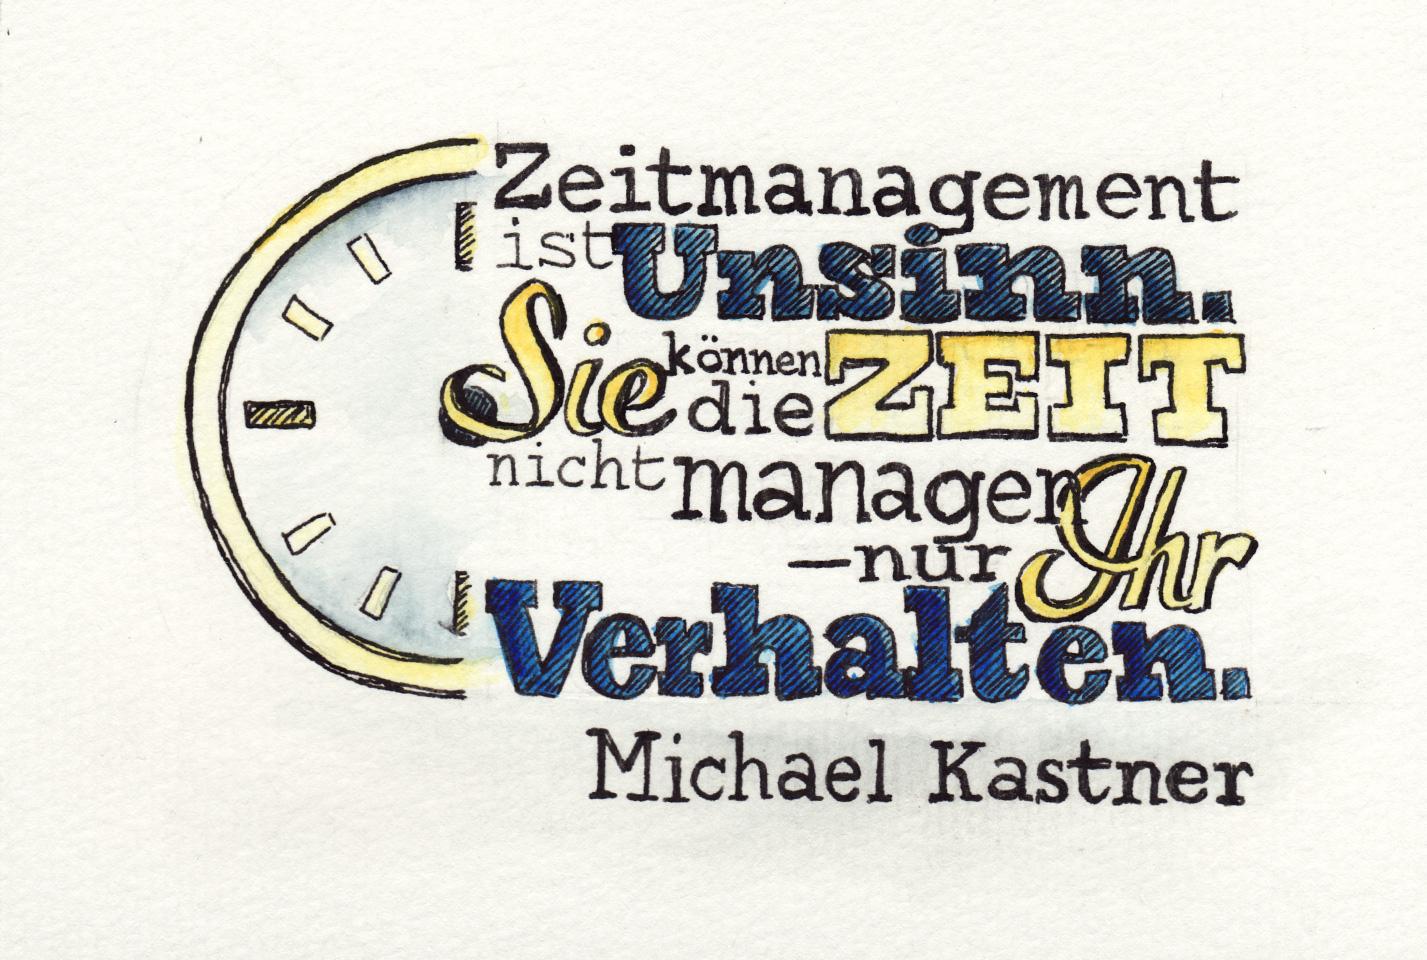 Das Zitat von Michael Kastner.